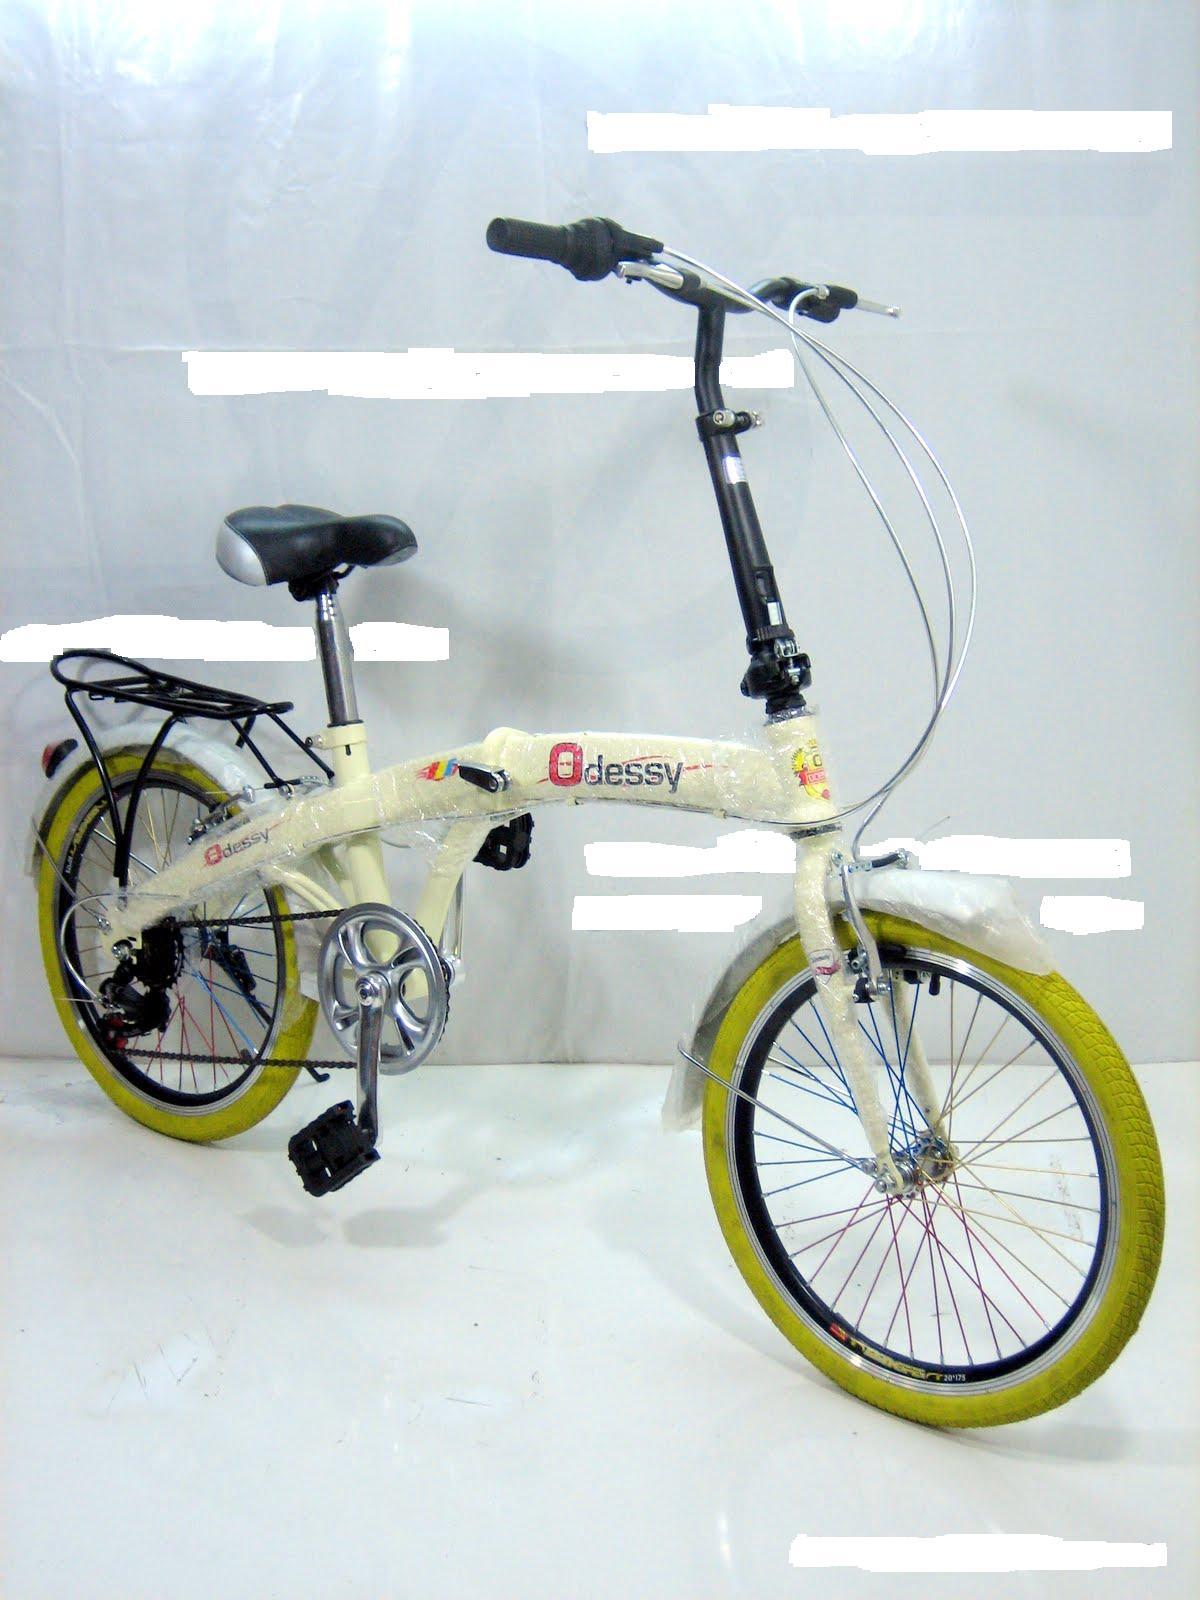 toko sepedaku: dijual sepeda lipat murah dan keren